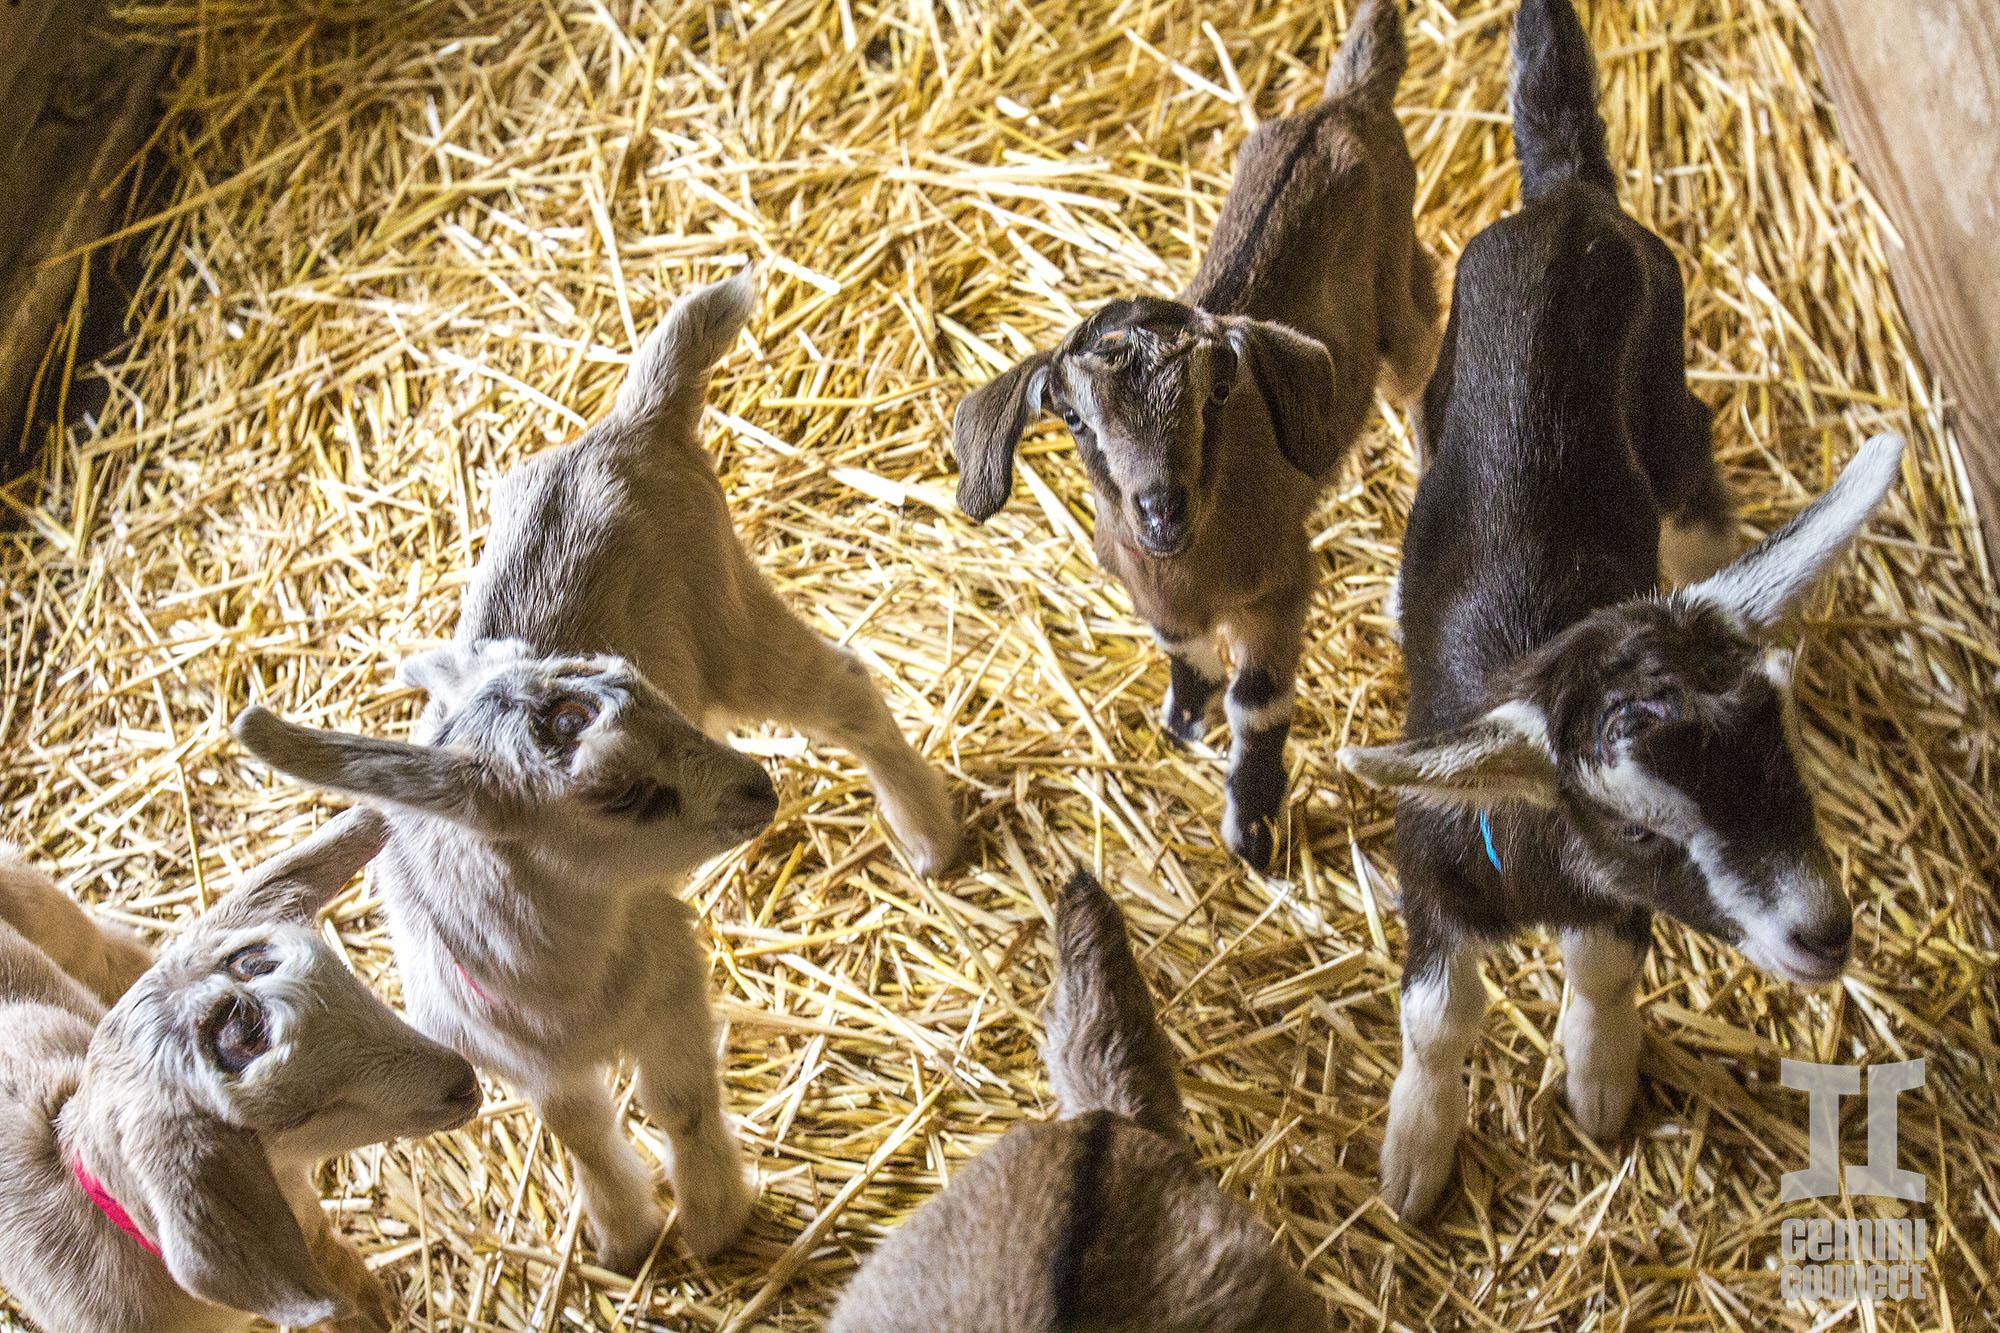 Goat-02.jpg